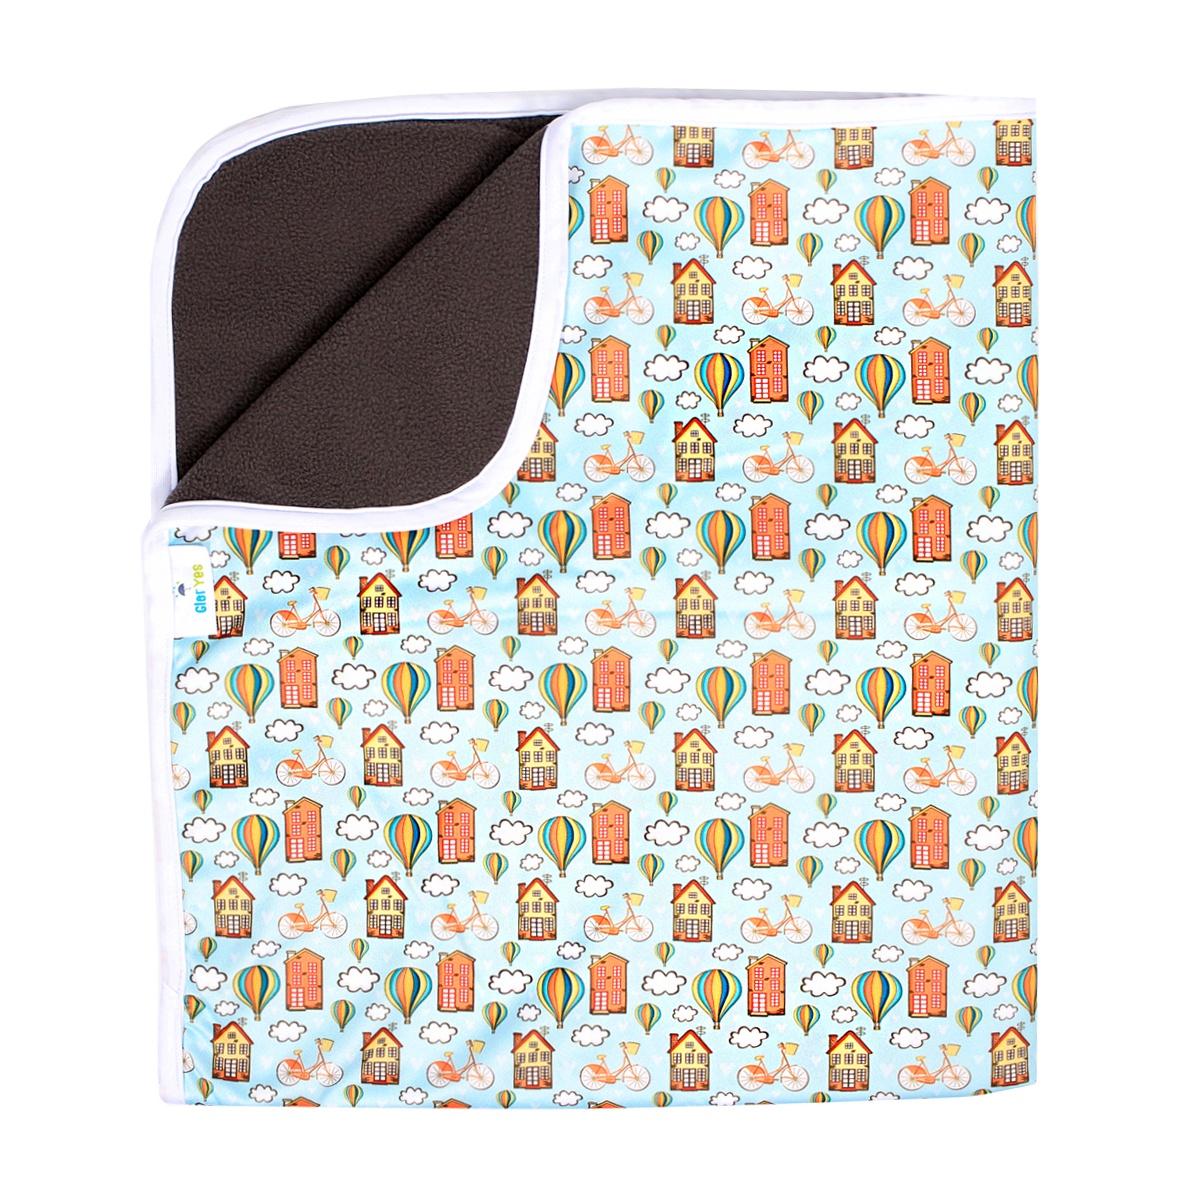 цены на Впитывающая пеленка GlorYes PREMIUM для сухого сна  в интернет-магазинах